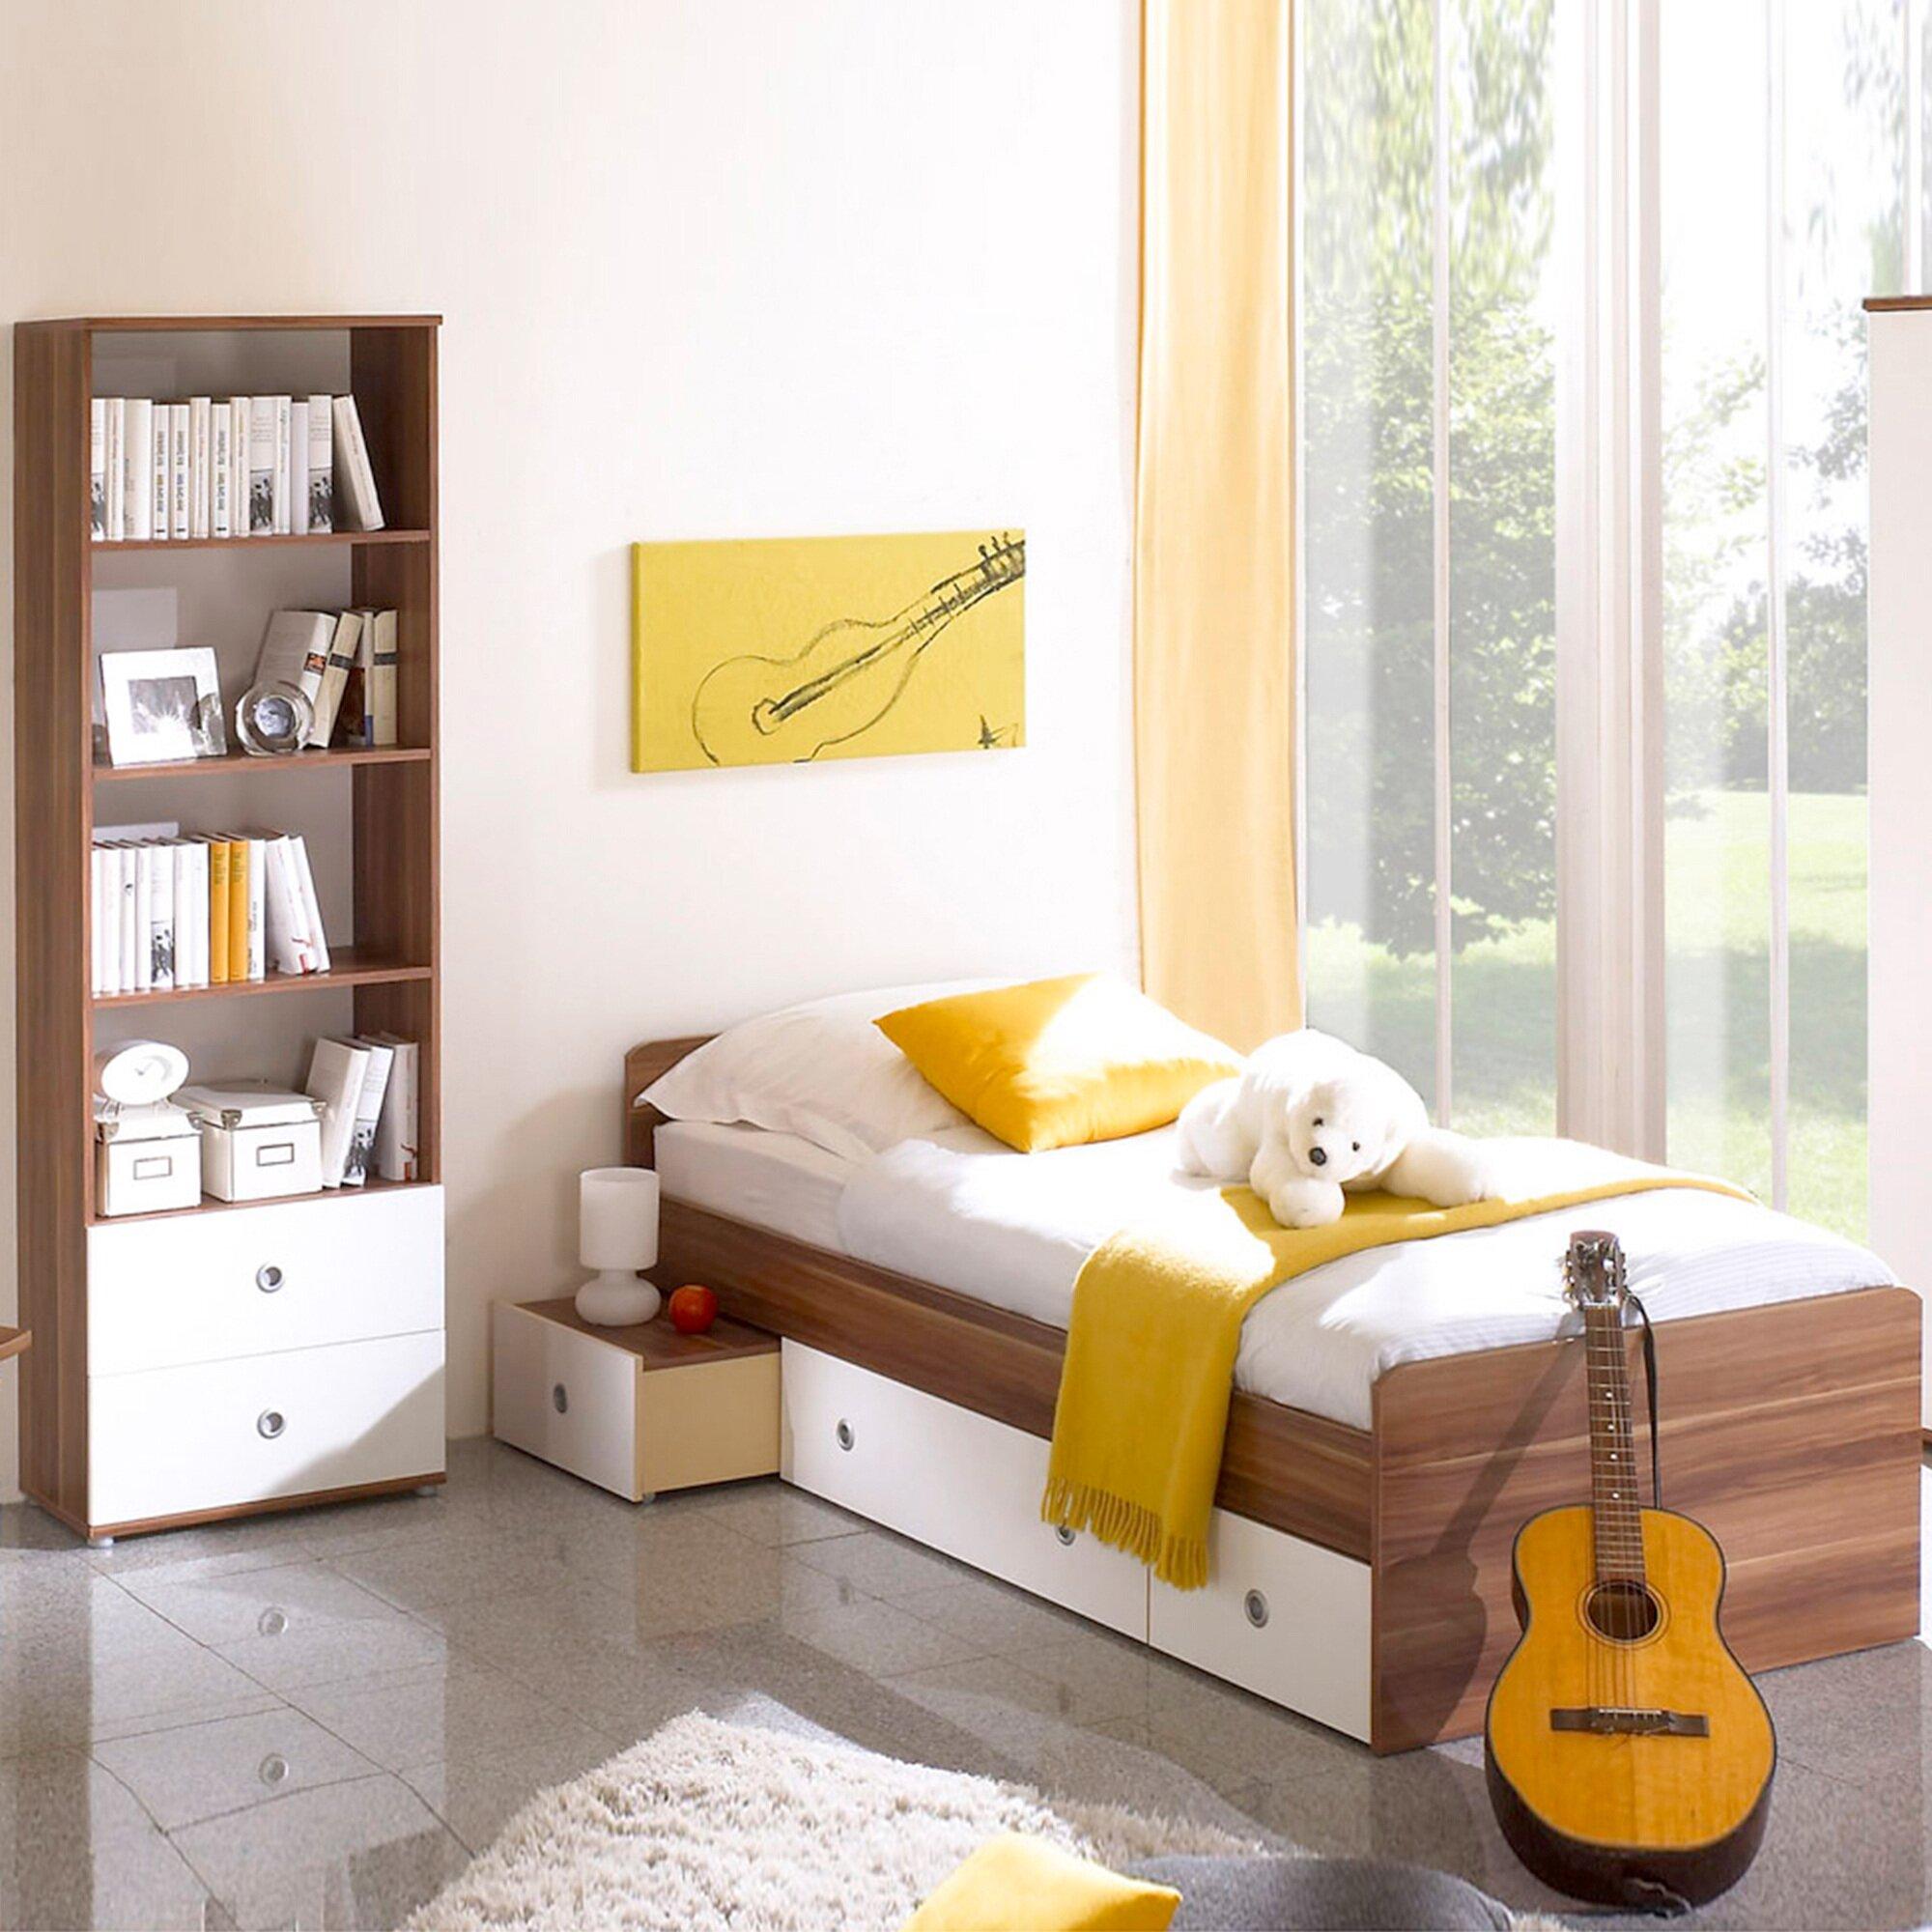 Ticaa jugendzimmer camo 6 teilig grau preis bild for Jugendzimmer 4 teilig